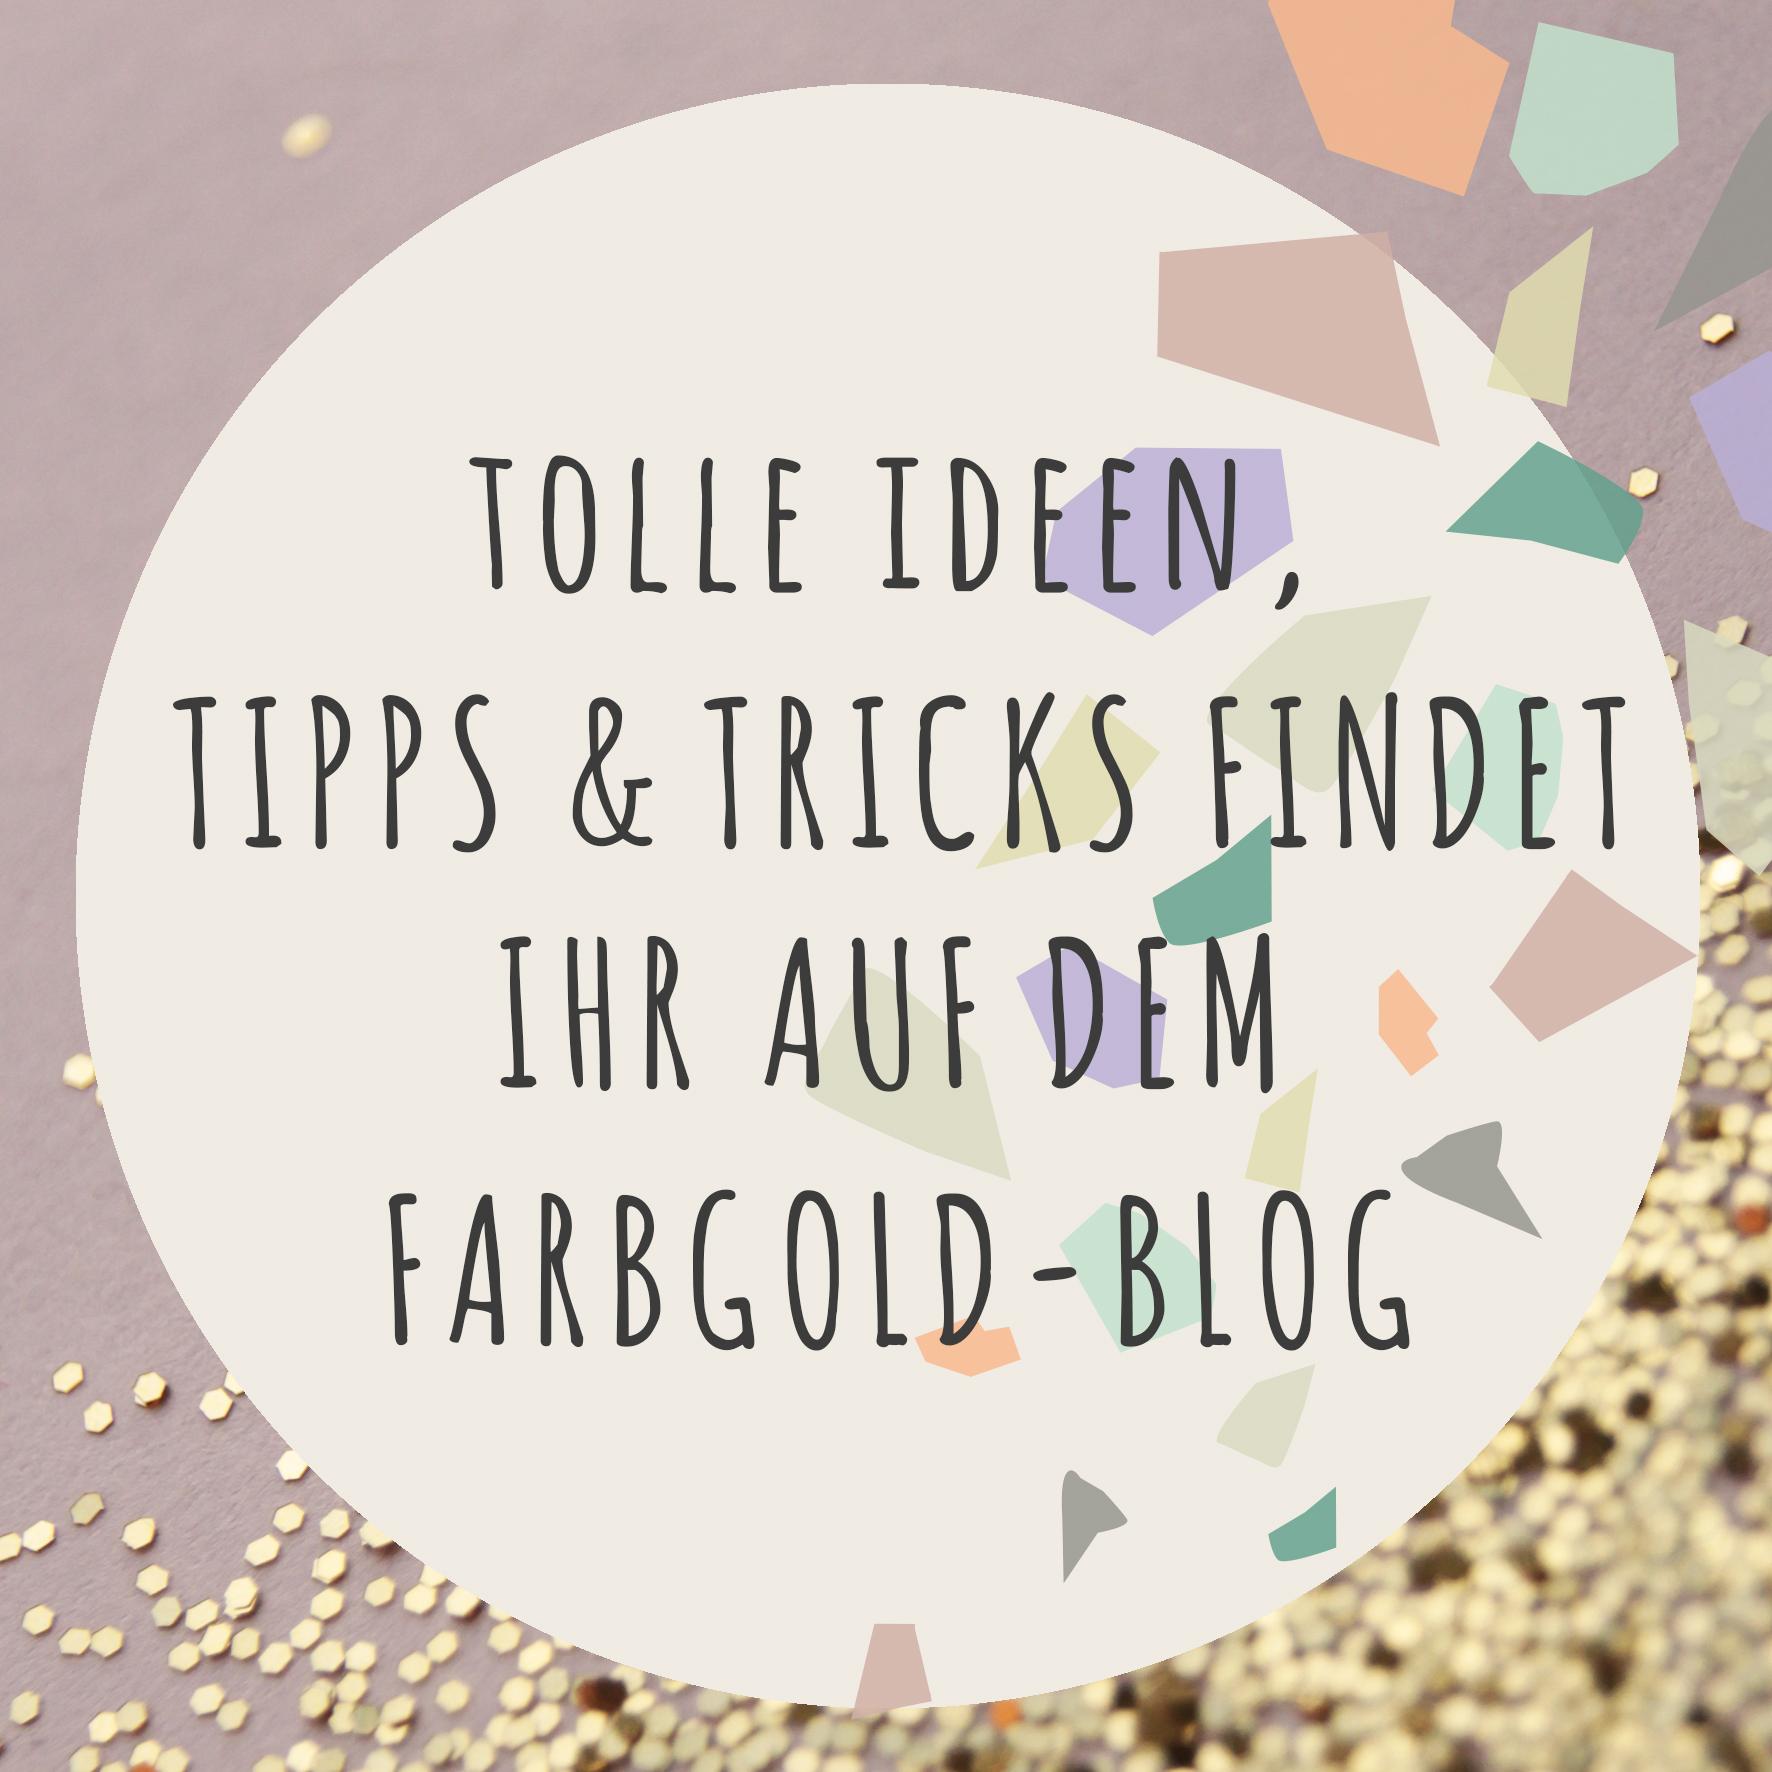 farbgold Blog - rund ums Thema DIY, Design und Lifestyle